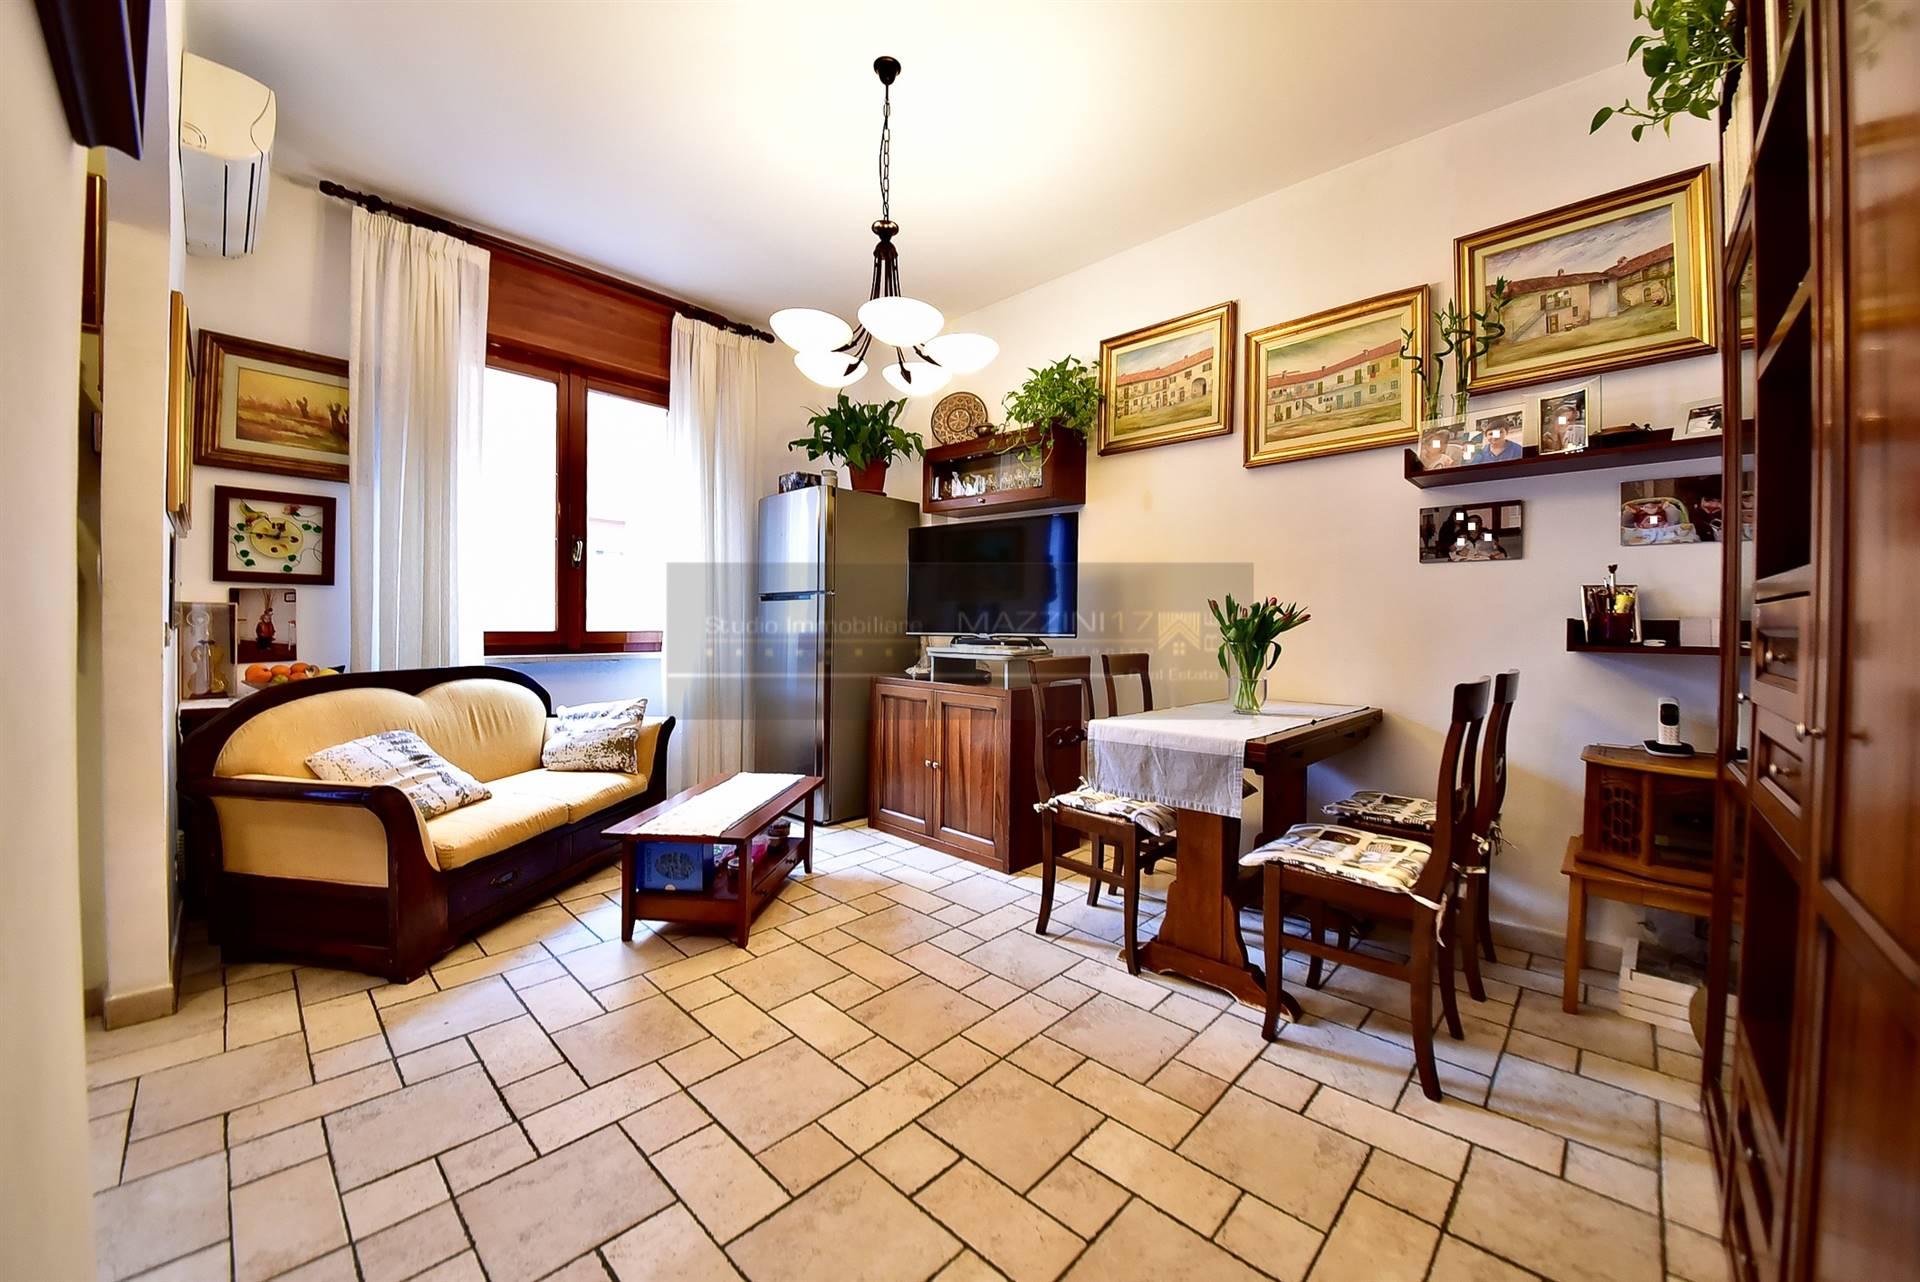 Appartamento in vendita a Bresso, 2 locali, prezzo € 130.000 | PortaleAgenzieImmobiliari.it